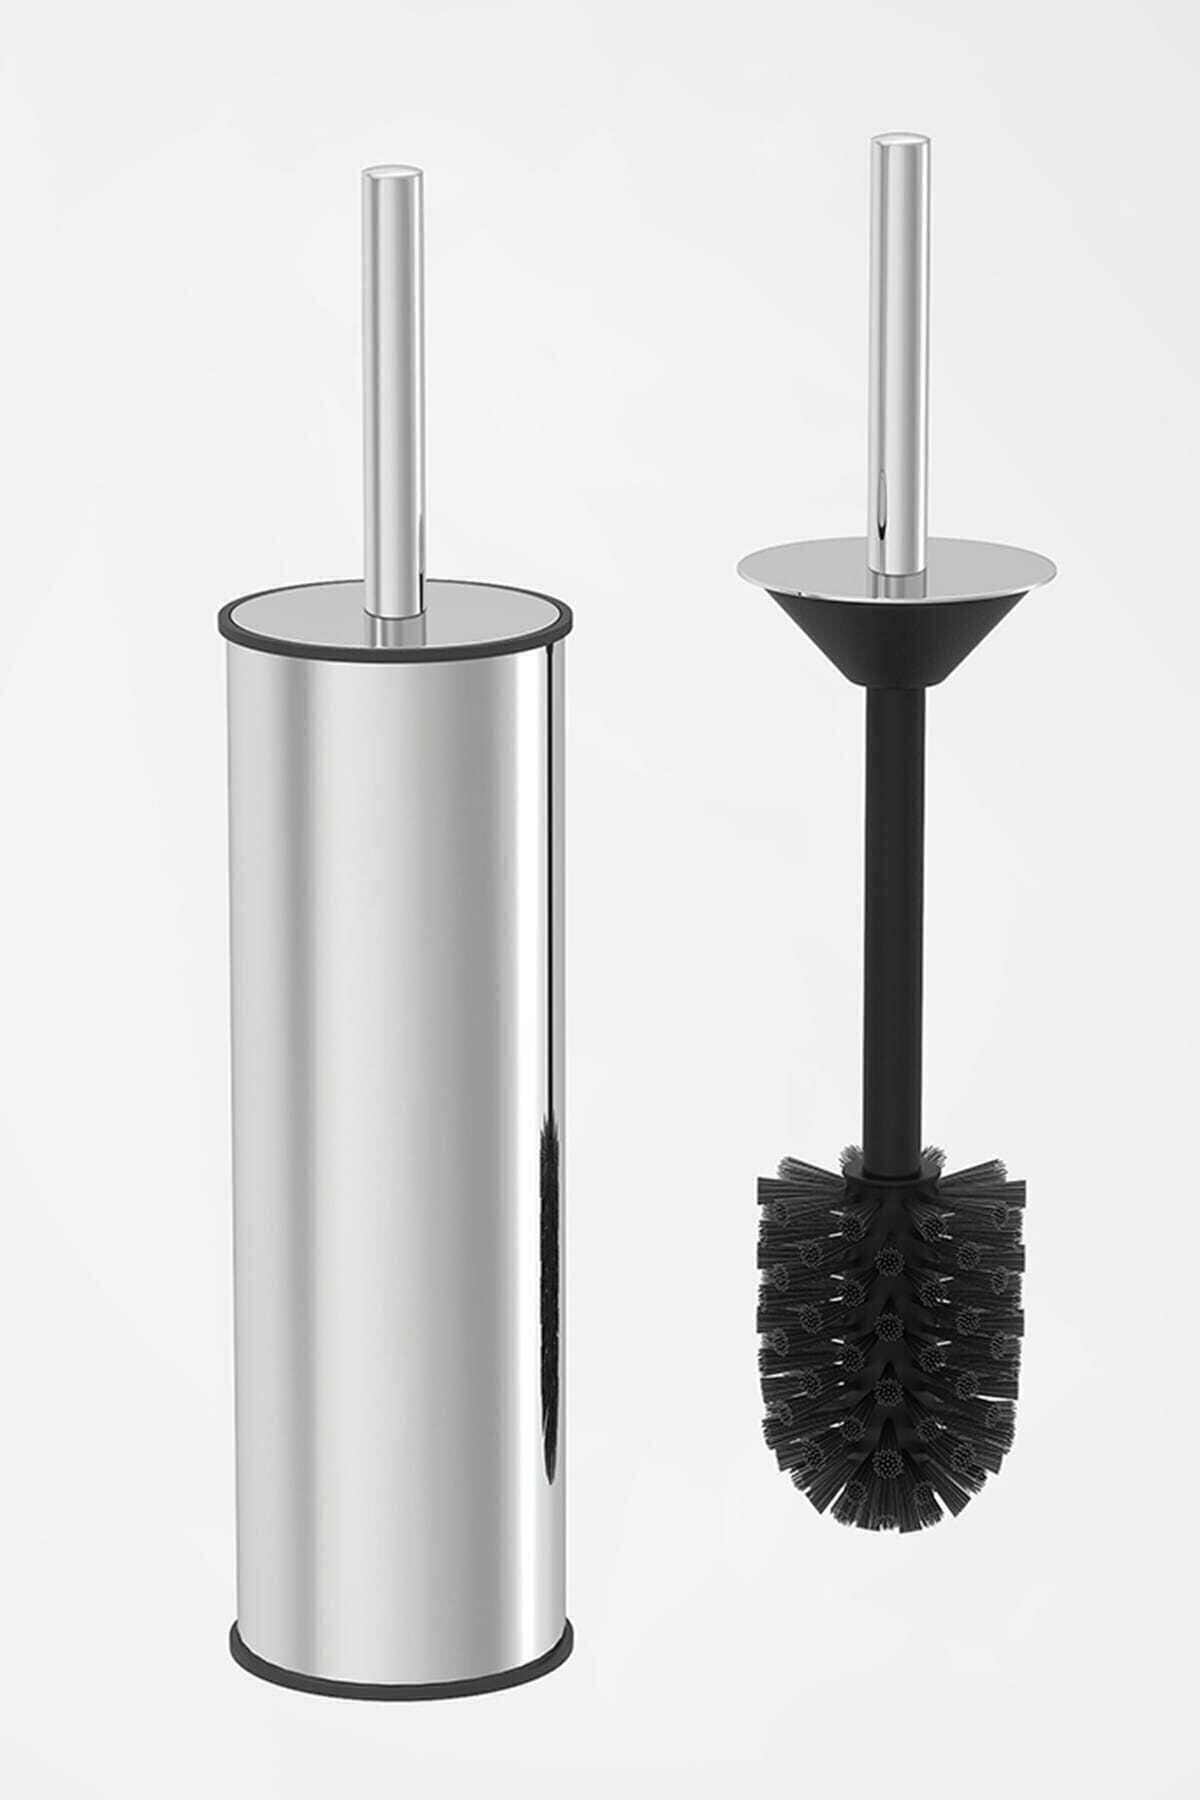 المرحاض فرشاة حامل الفولاذ المقاوم للصدأ تنظيف أداة دائم العمودي الحمام المرحاض فرشاة الكروم Wc فرشاة